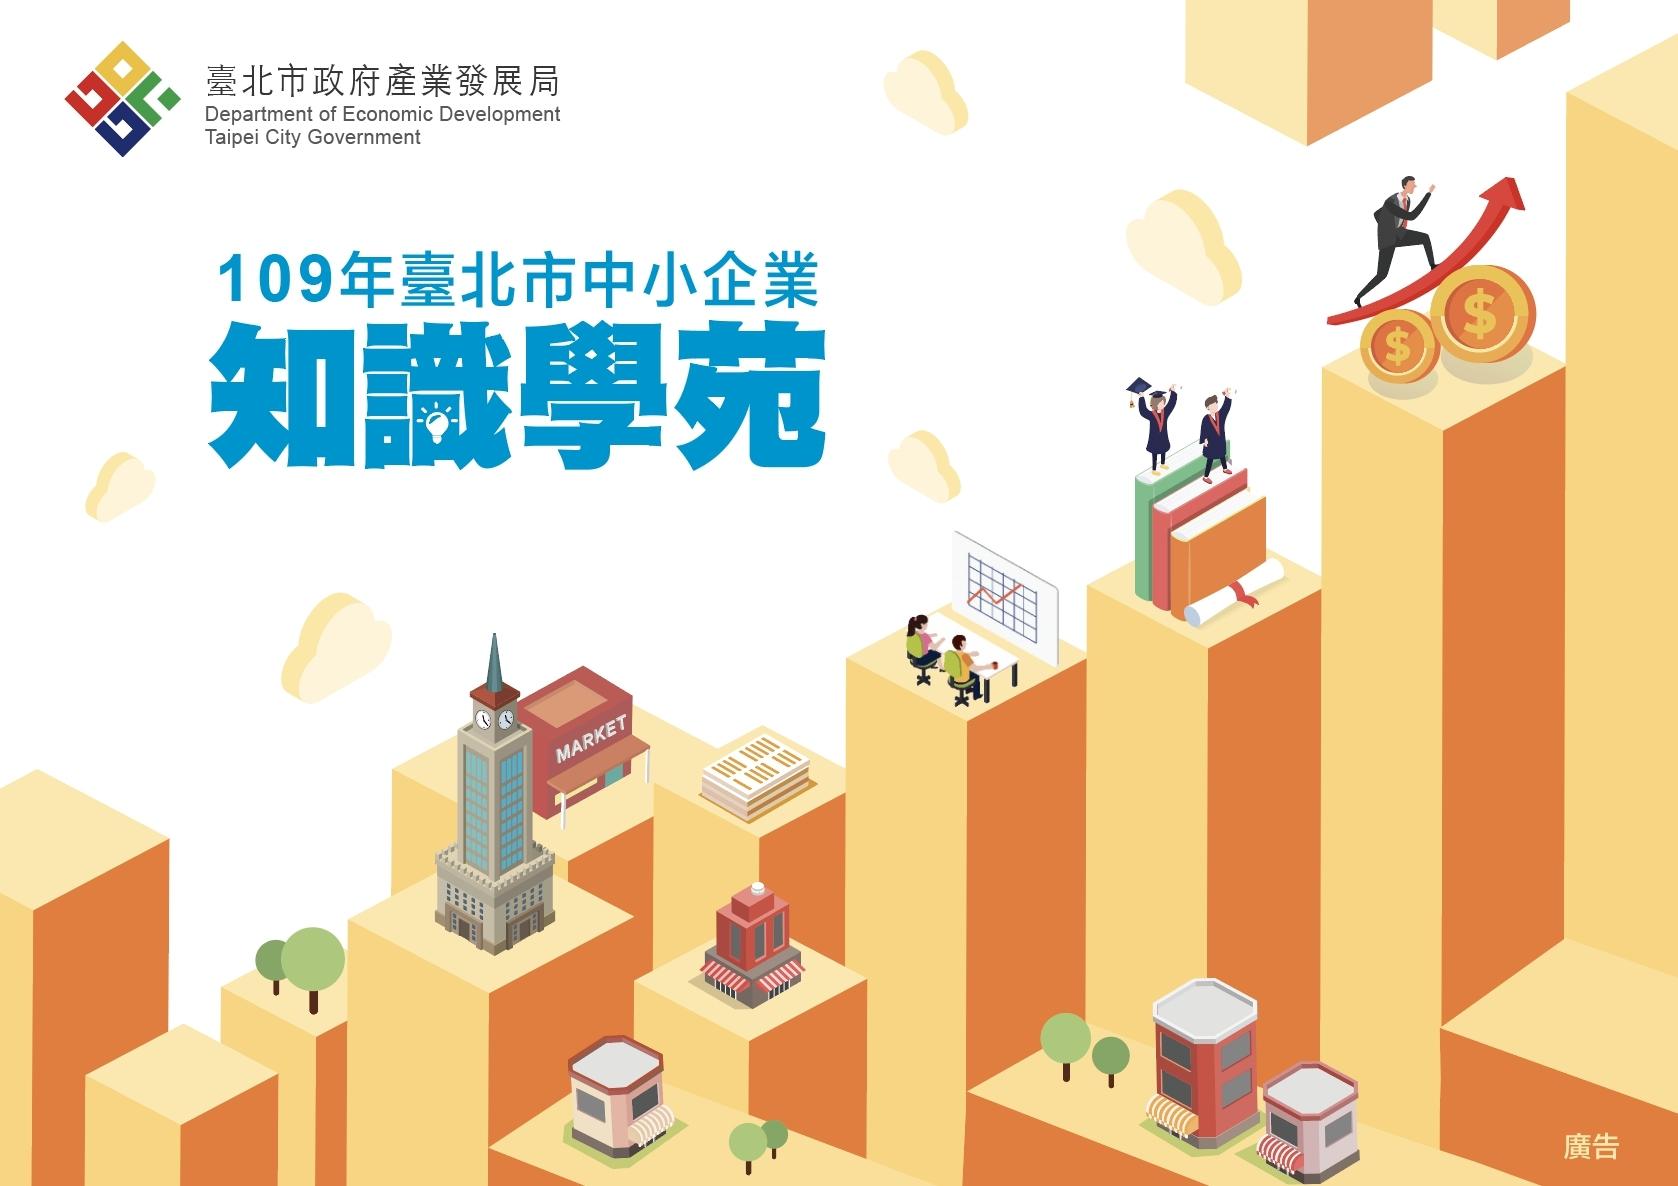 【開課中】臺北市知識學苑產業主題訓練營-商圈振興精選課程圖片